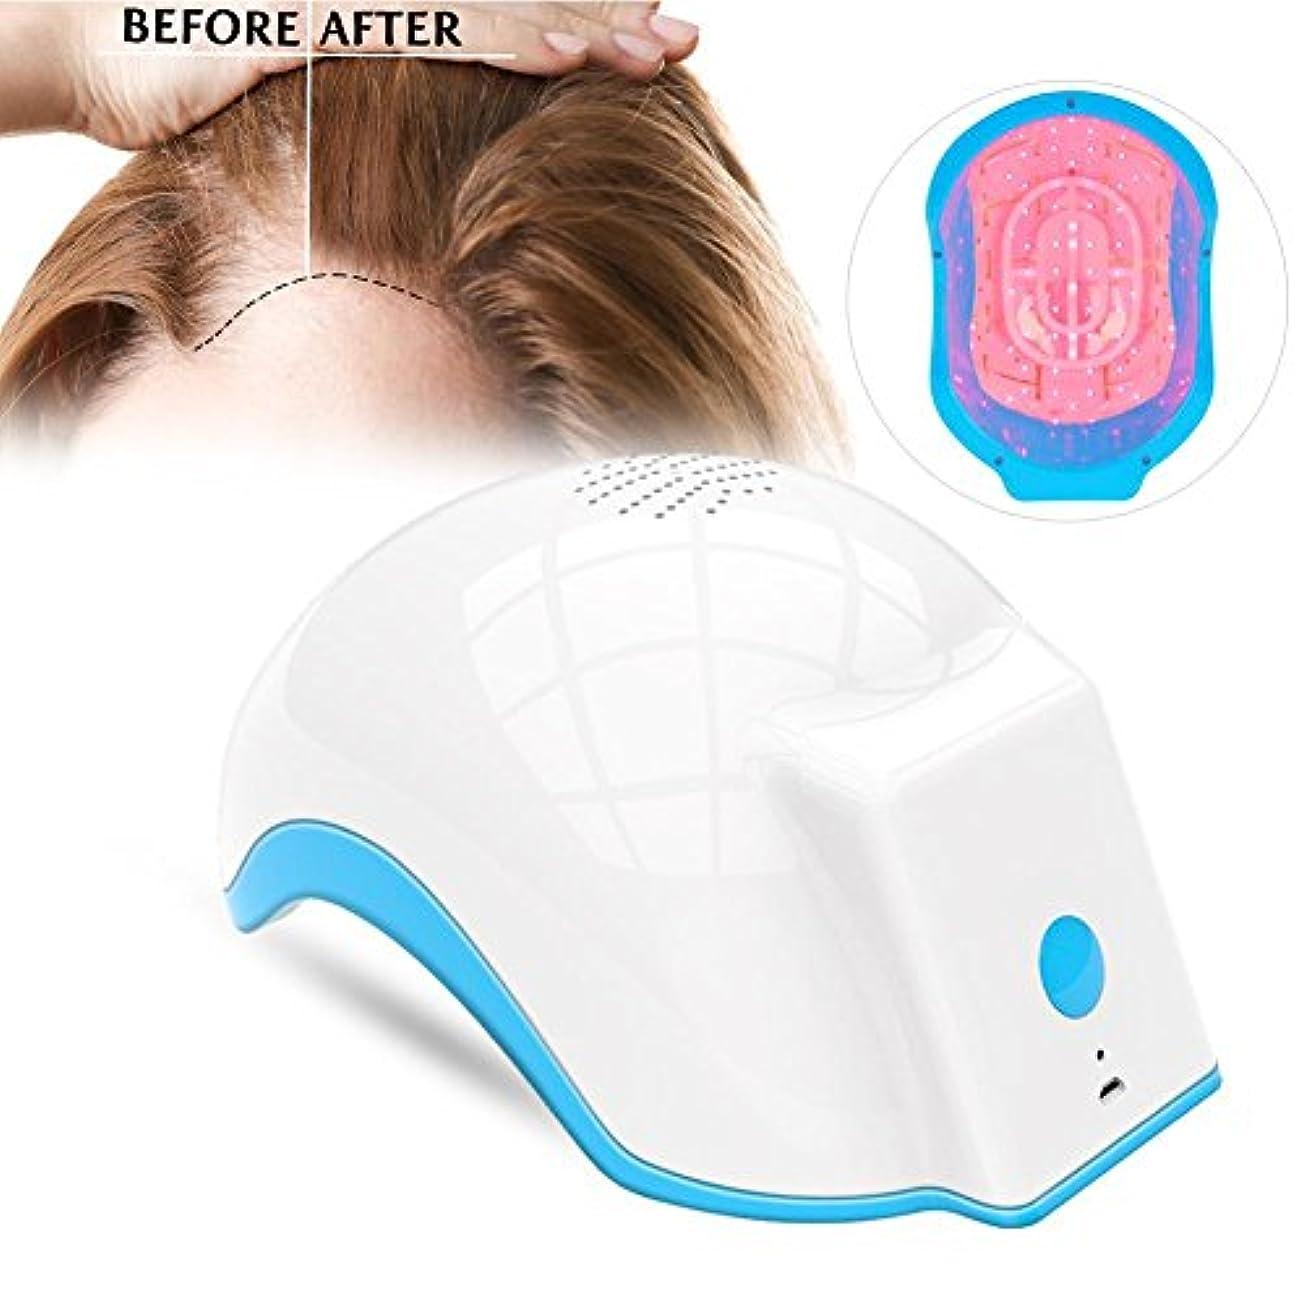 損傷すべき分散脱毛再生治療用ヘルメット抗脱毛マッサージ療法治療脱毛症キャップ脱毛再生用ヘルメット(01)